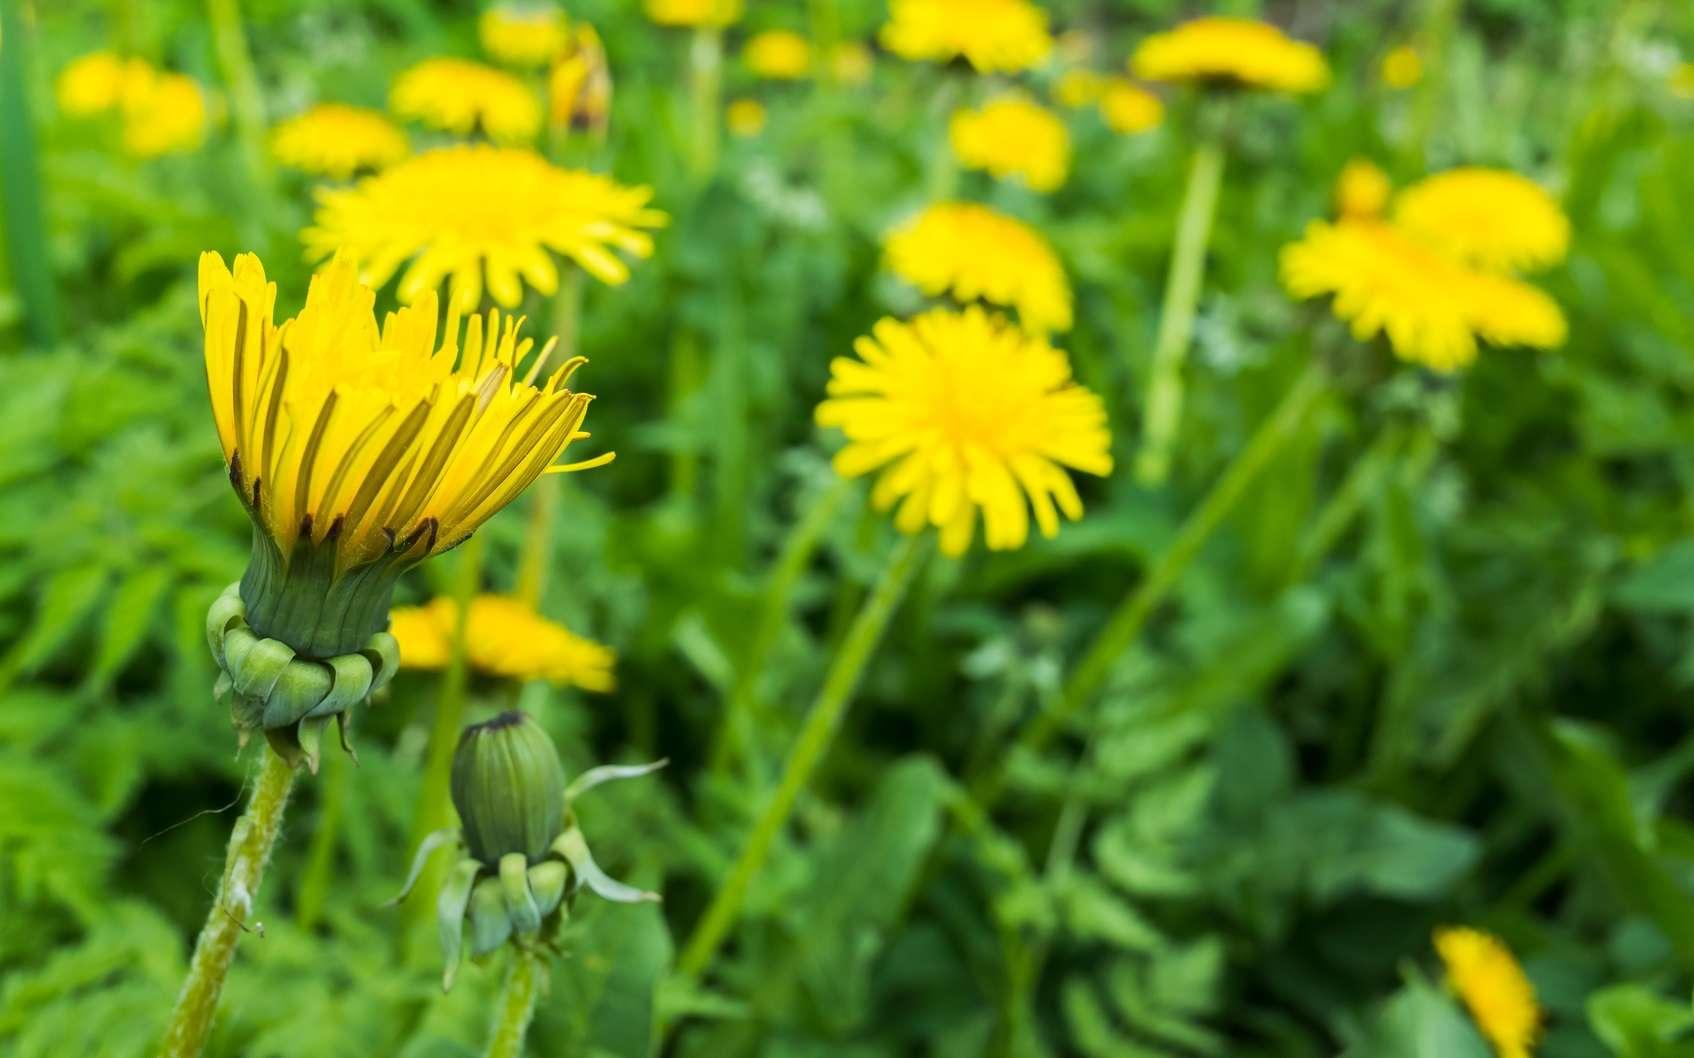 Ras-le-bol des mauvaises herbes ? Ne jetez pas tout ! © eugenesergeev, Fotolia